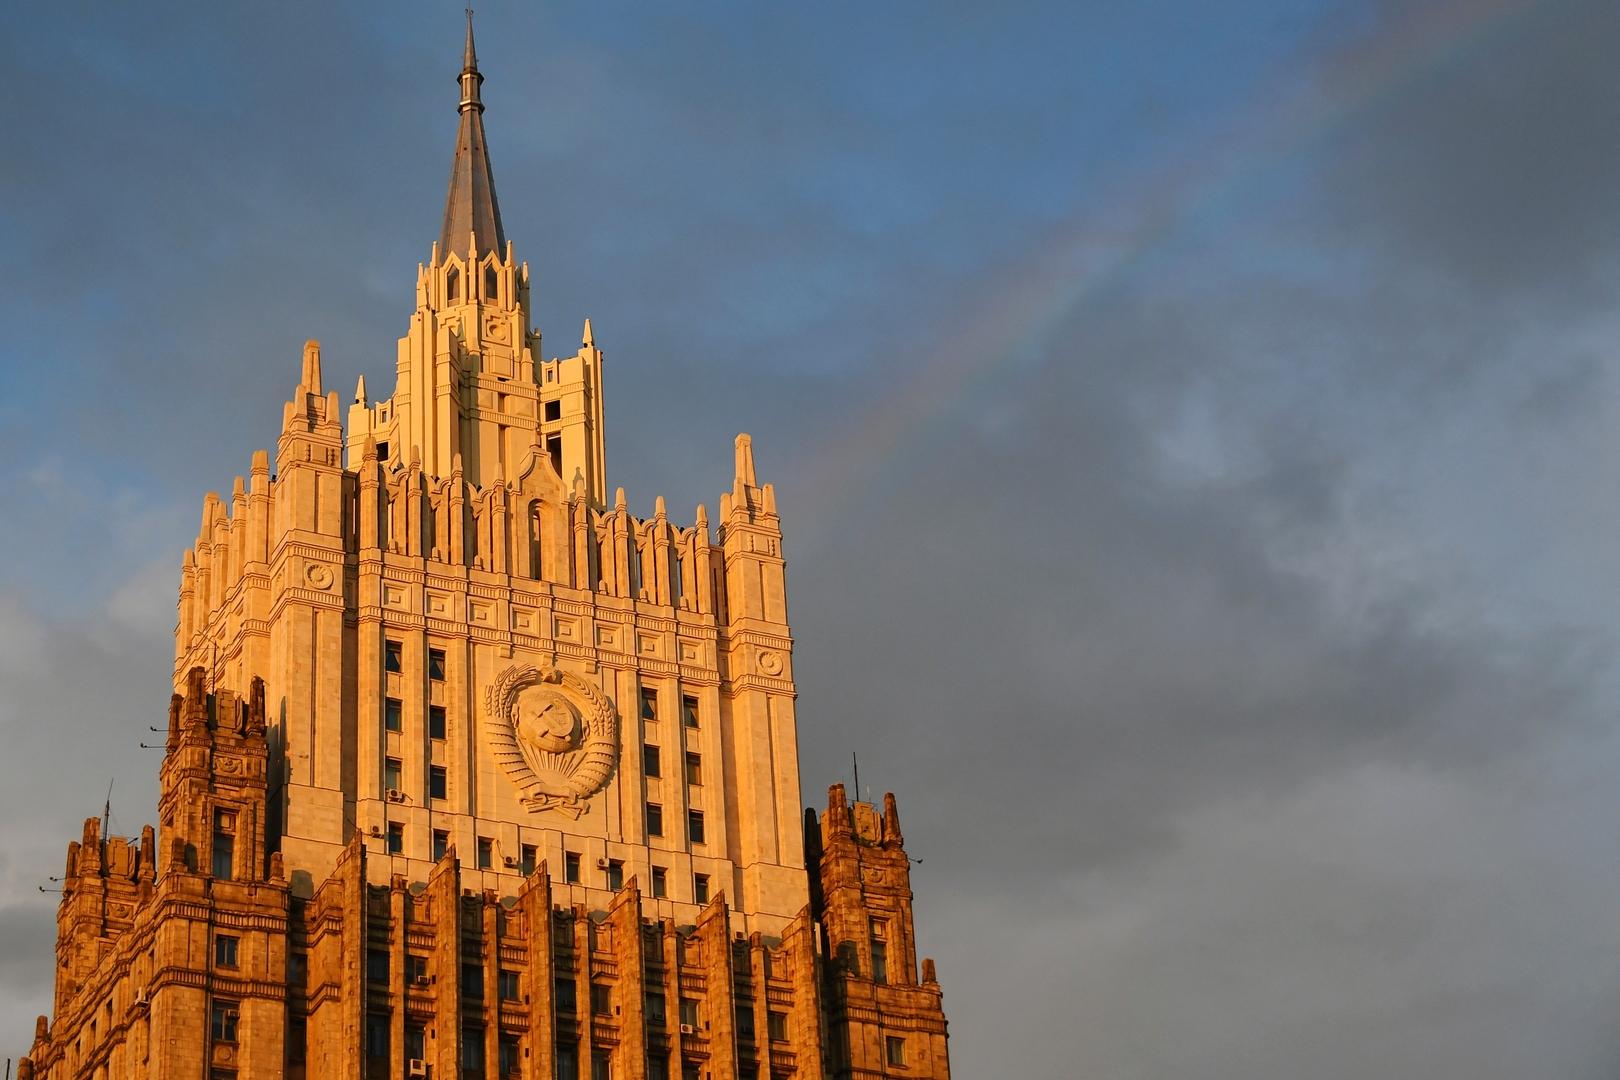 روسيا تعلن عن تحديث مفهومها للأمن الجماعي في الخليج